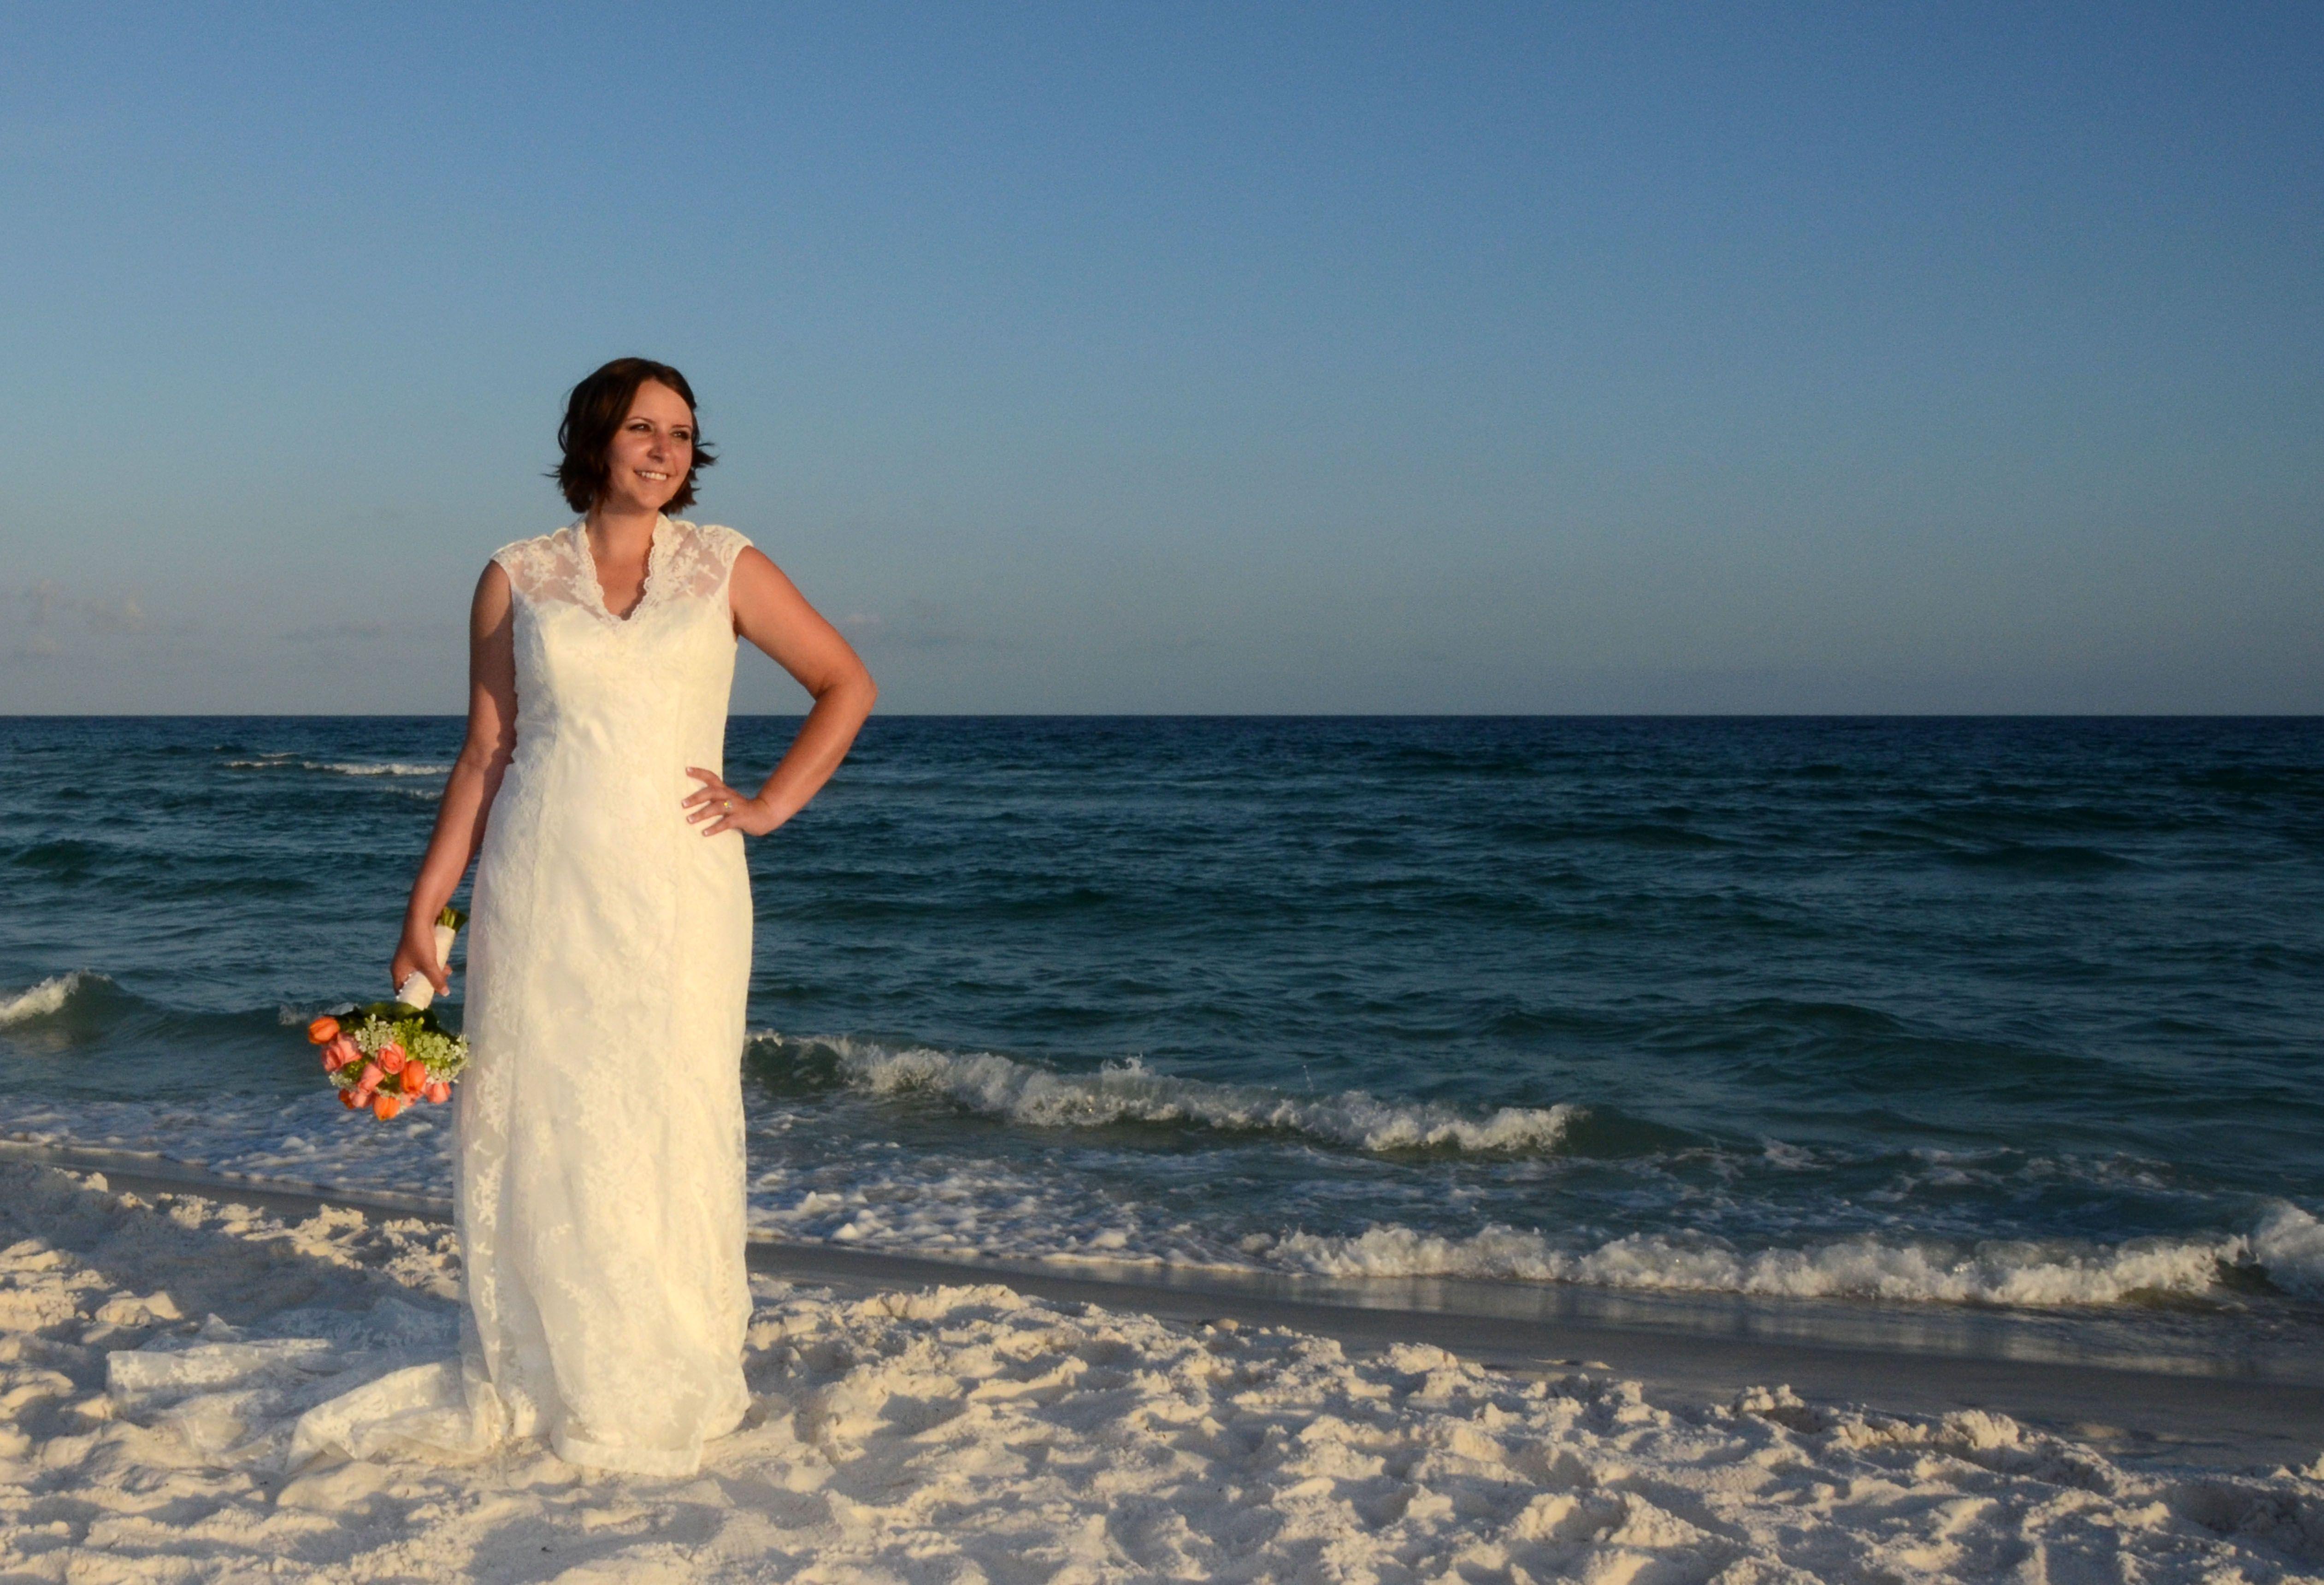 Beach weddings fort walton beach wedding packages sunset beach - Fort Walton Beach Okaloosa Island Florida Destination Beach Wedding